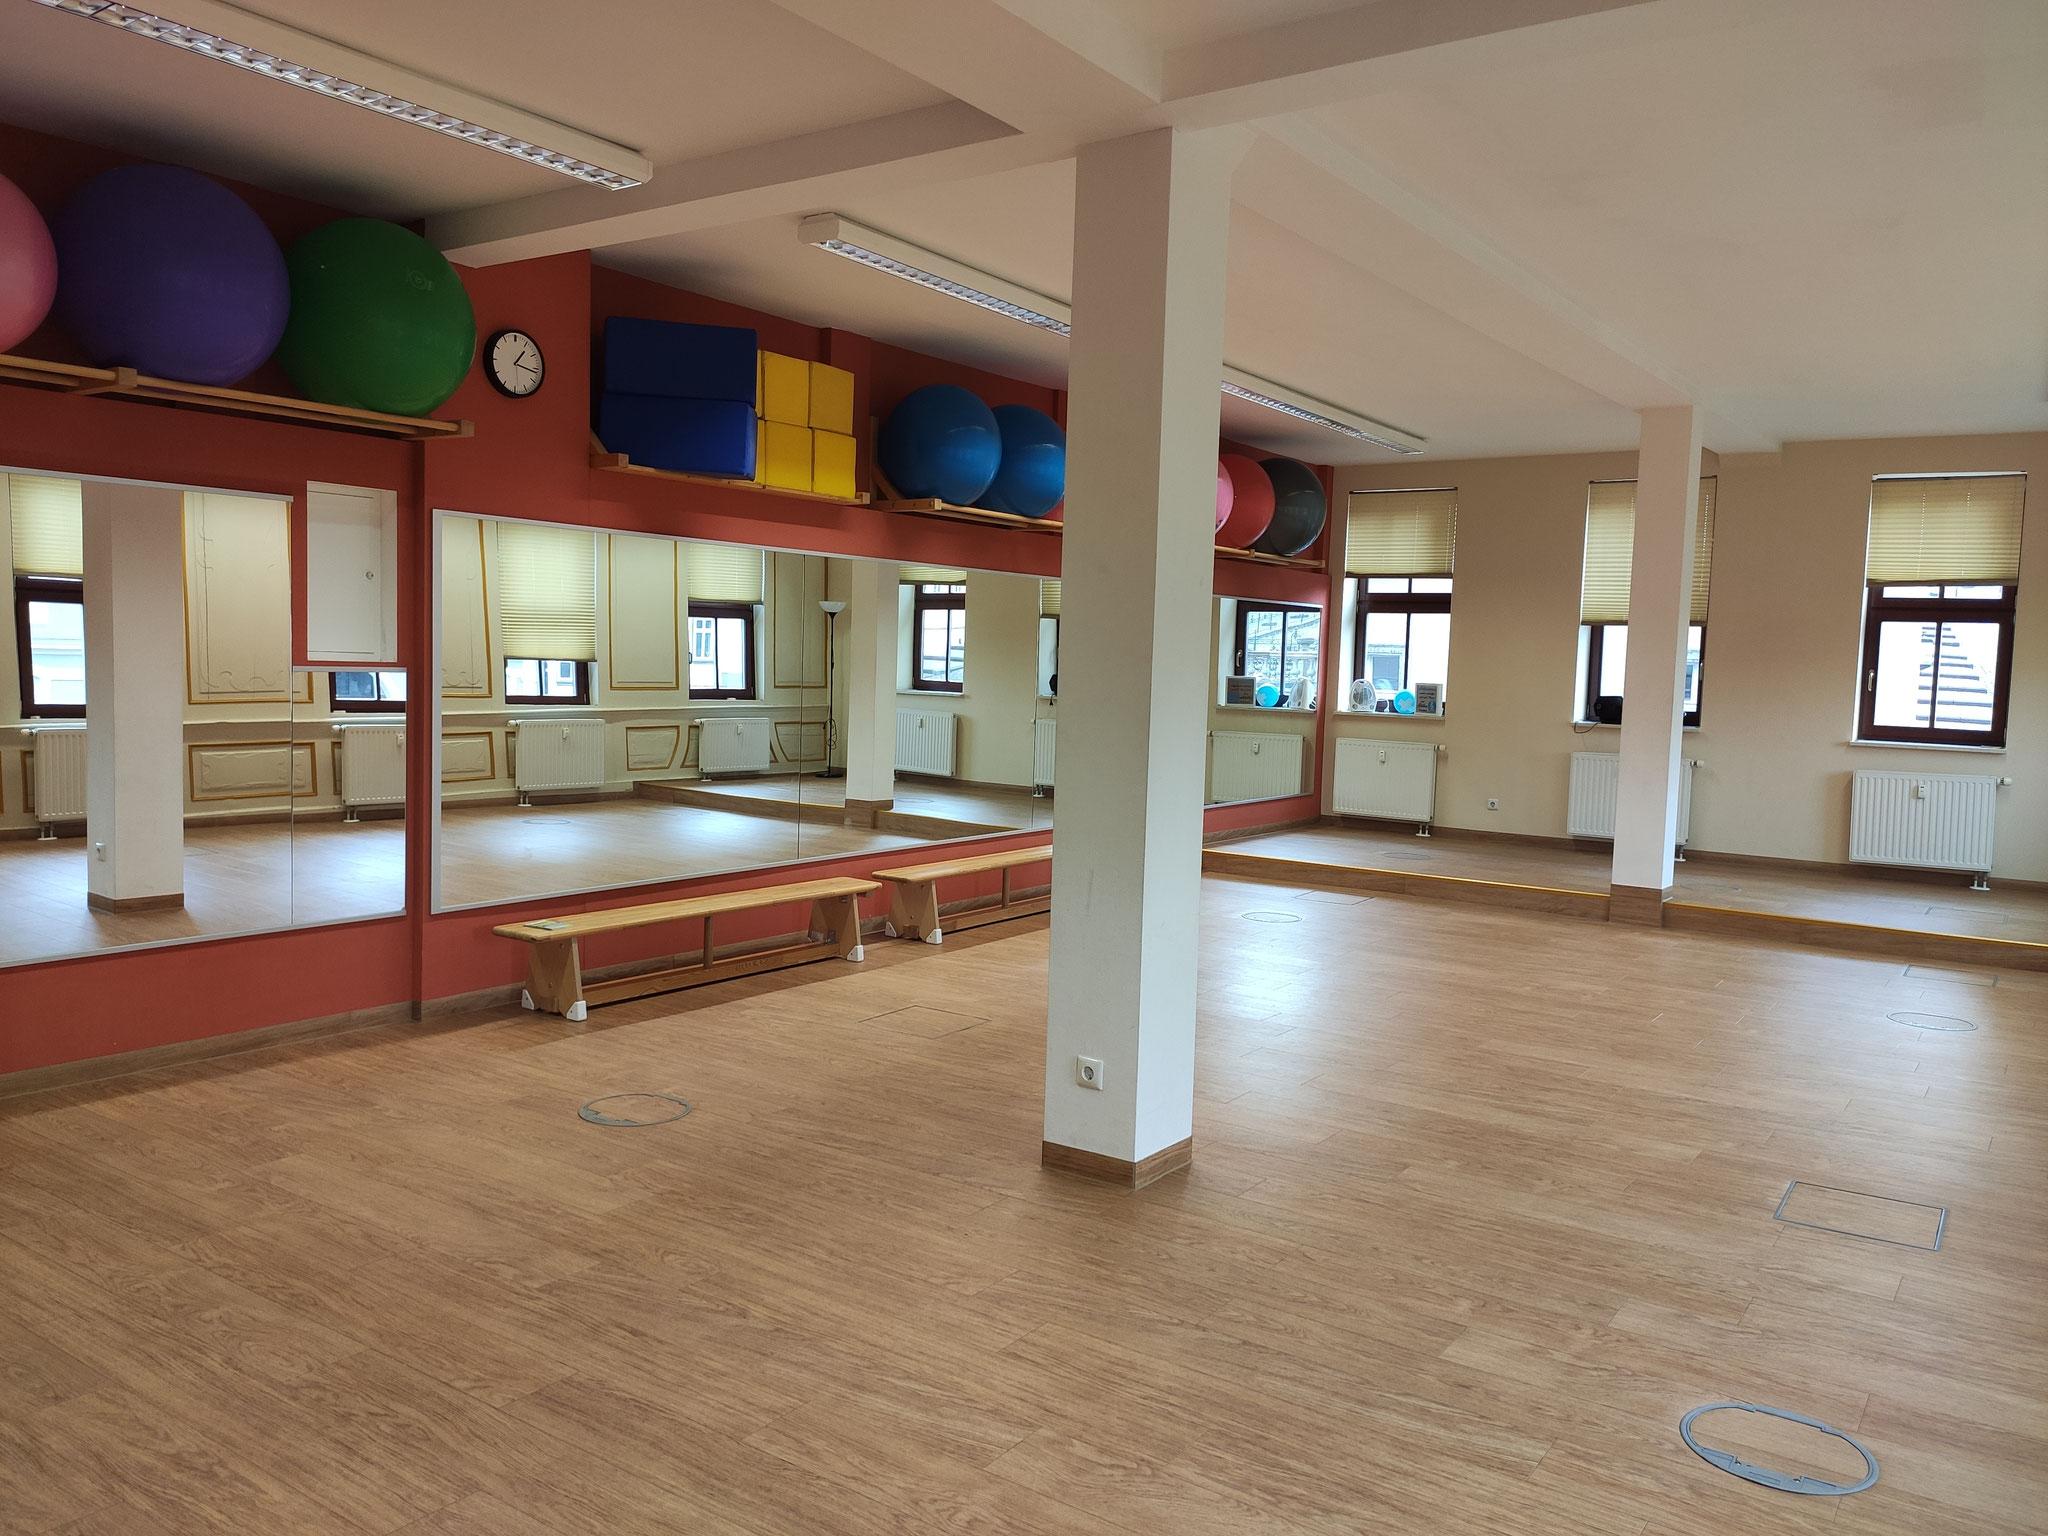 Tanzsaal: 10,-€/ Std. regelmäßige Nutzung, 15,-€/ Std. Sonderveranstaltung